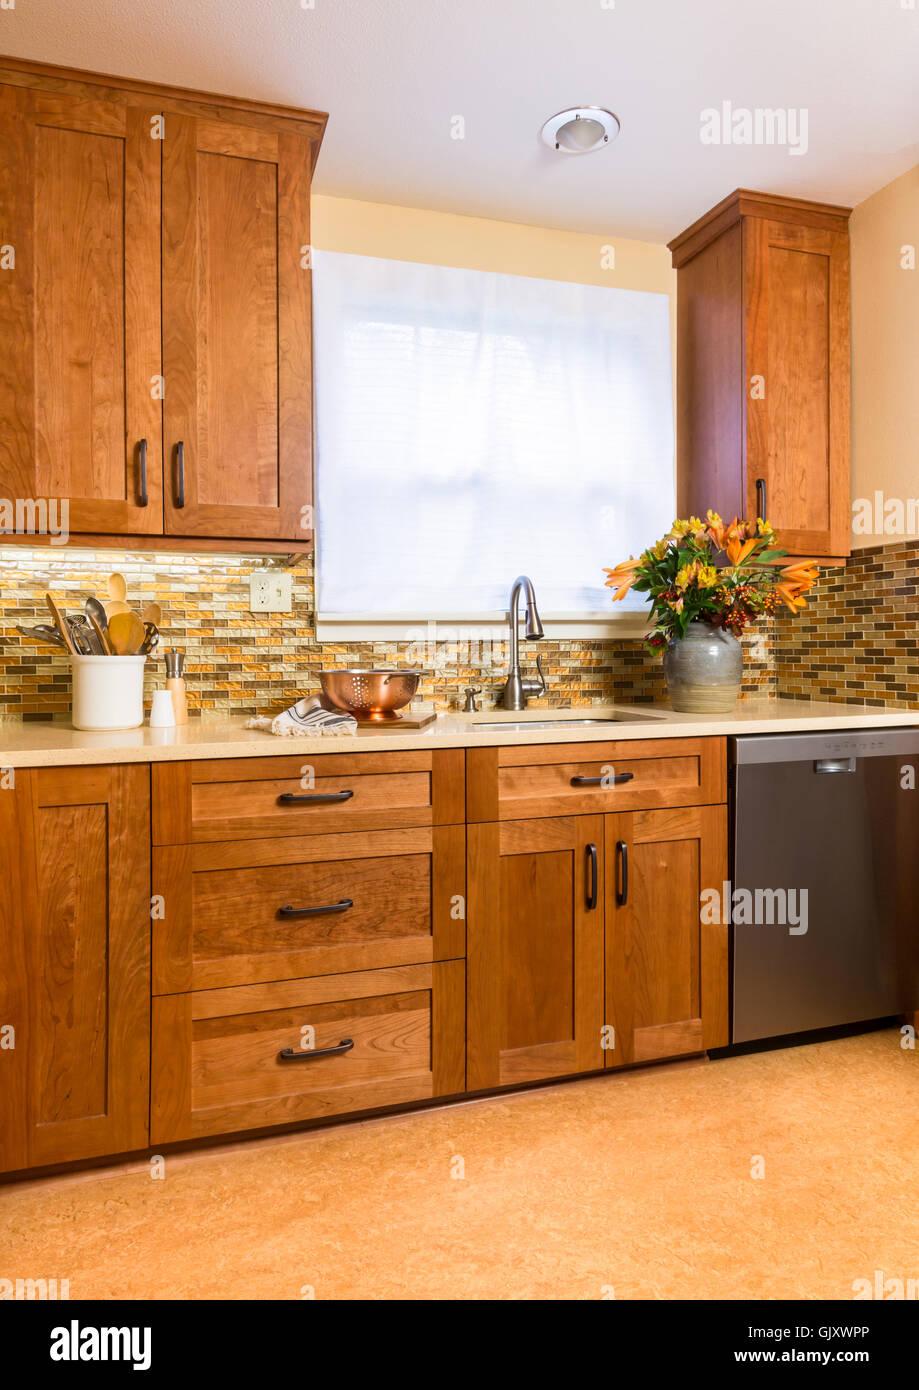 Zeitgenössische Gehobene Küche Zu Hause Mit Kirsche Holz Schränke,  Nachhaltiges Recycling Linoleumböden U0026 Glas Fliesen Backsplash